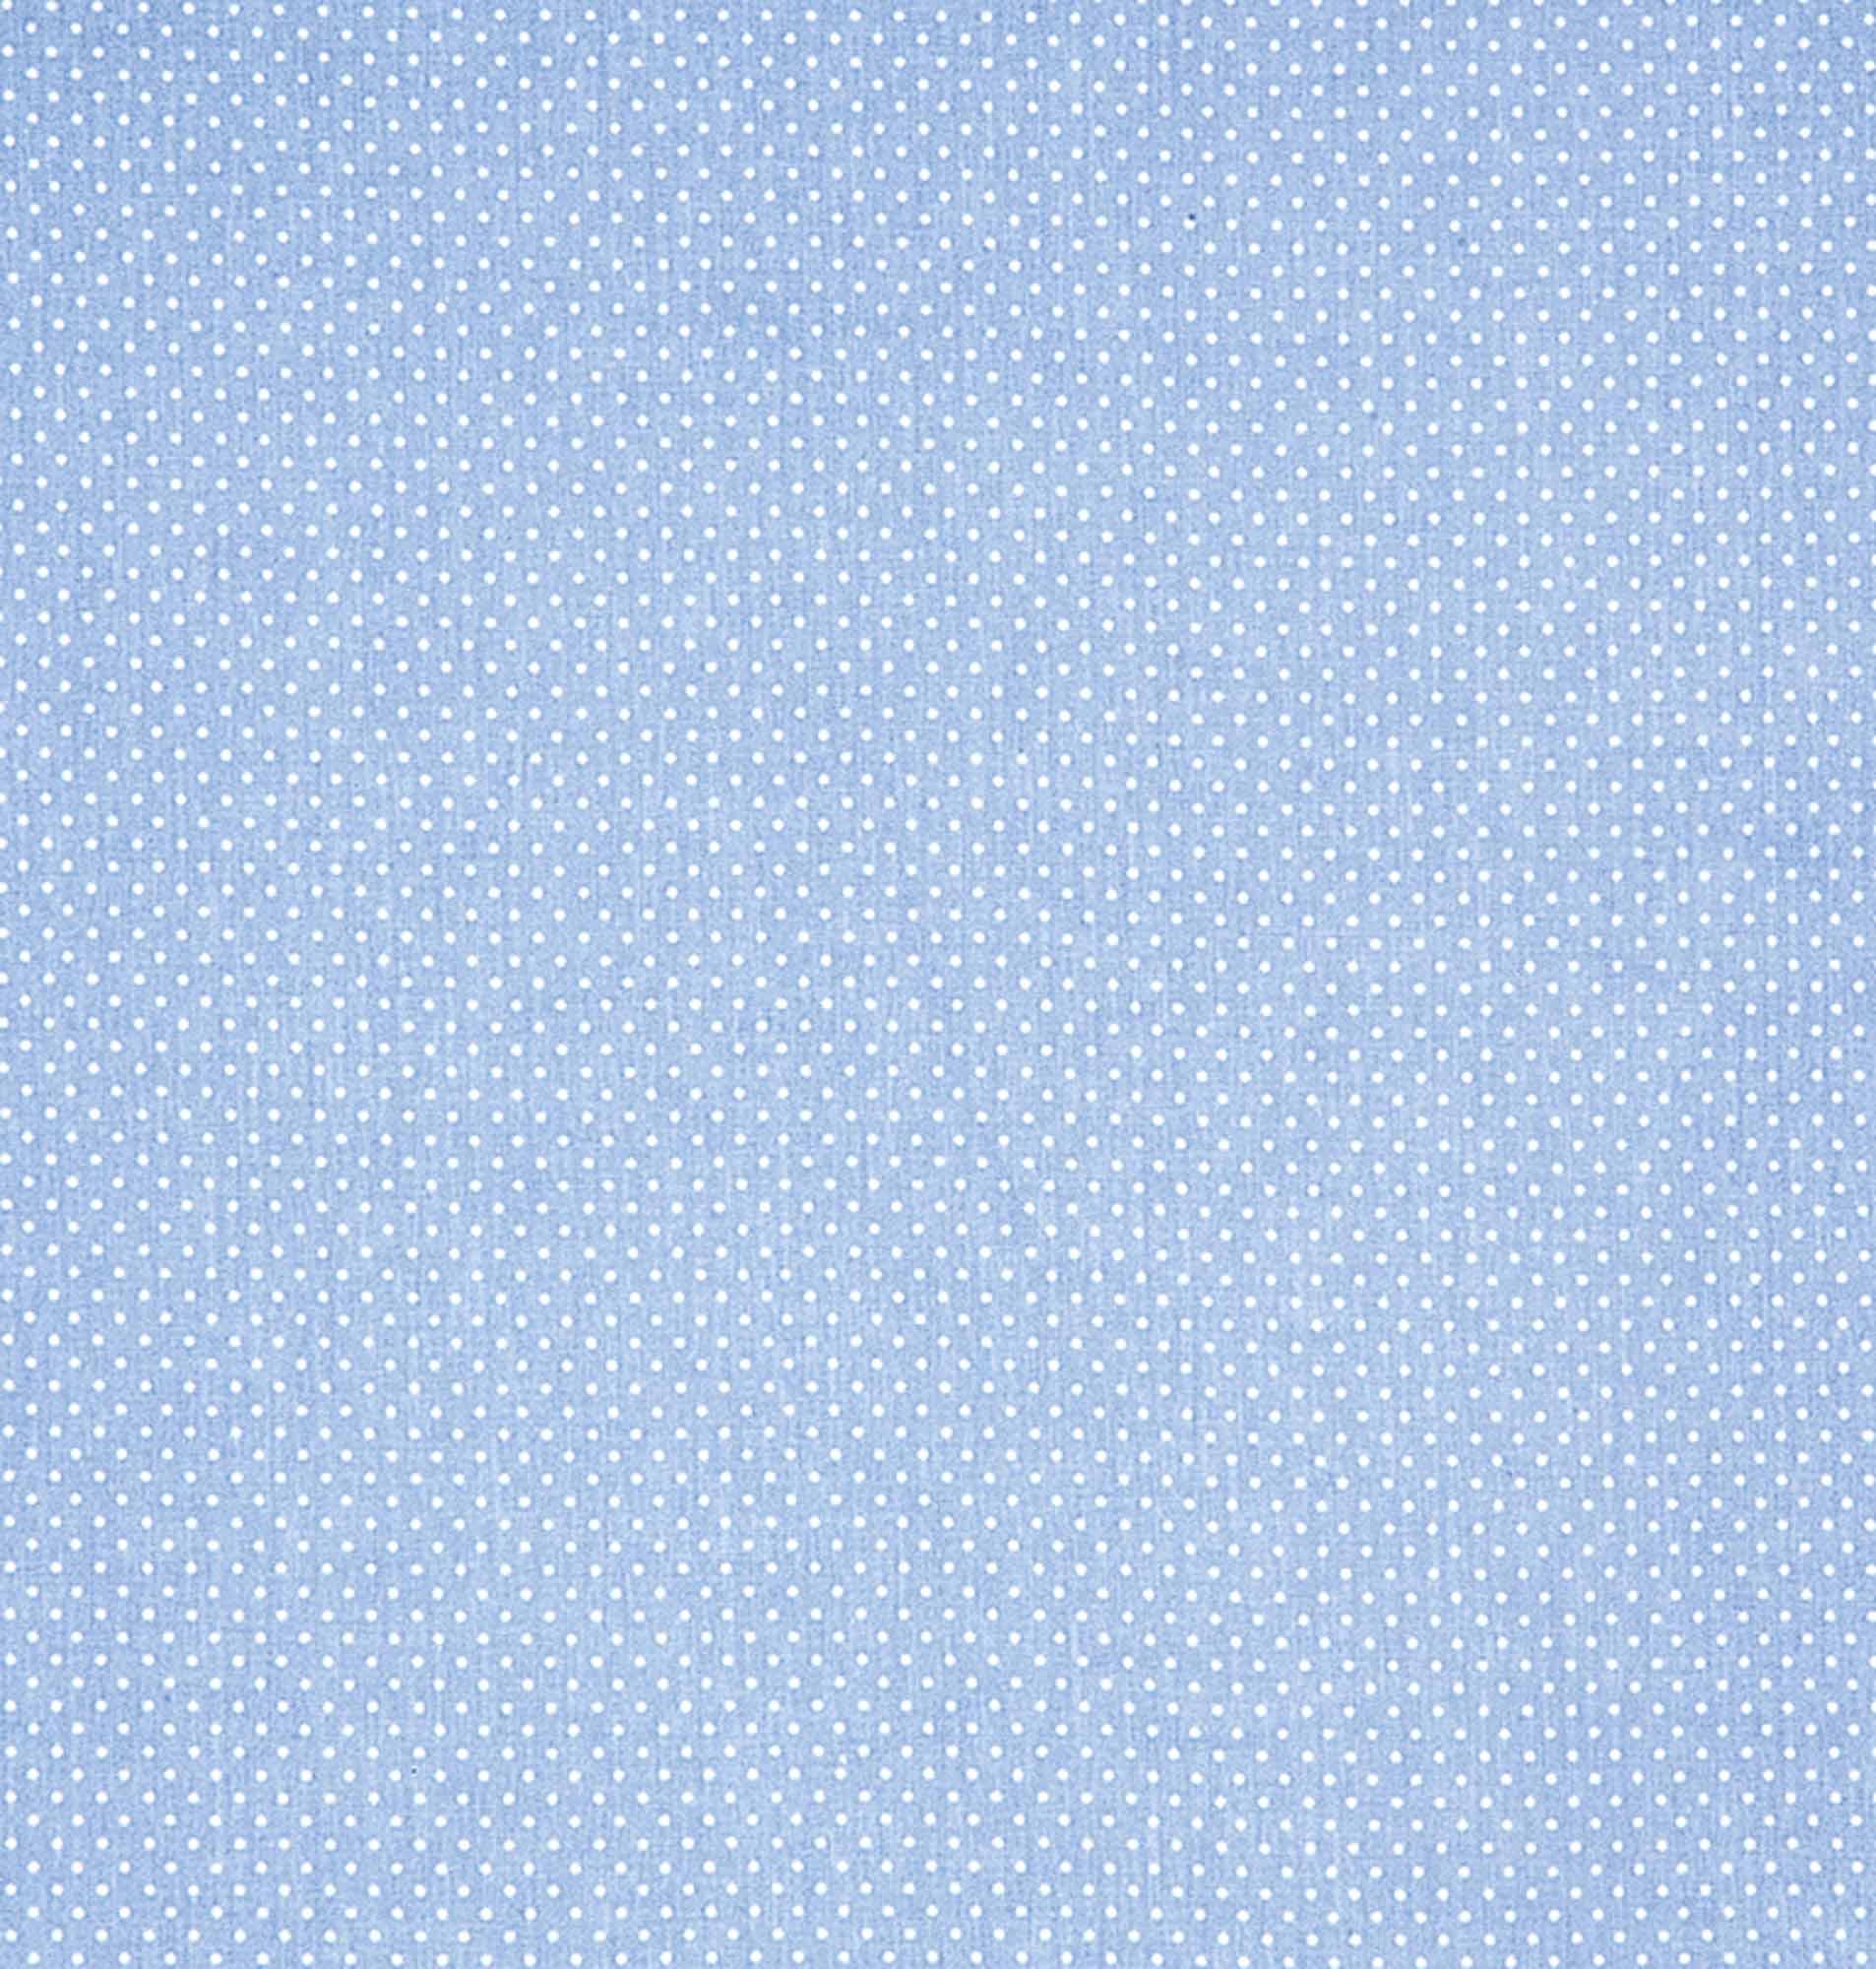 Tecido tricoline estampado dohler 100% algodão poa azul/bebê